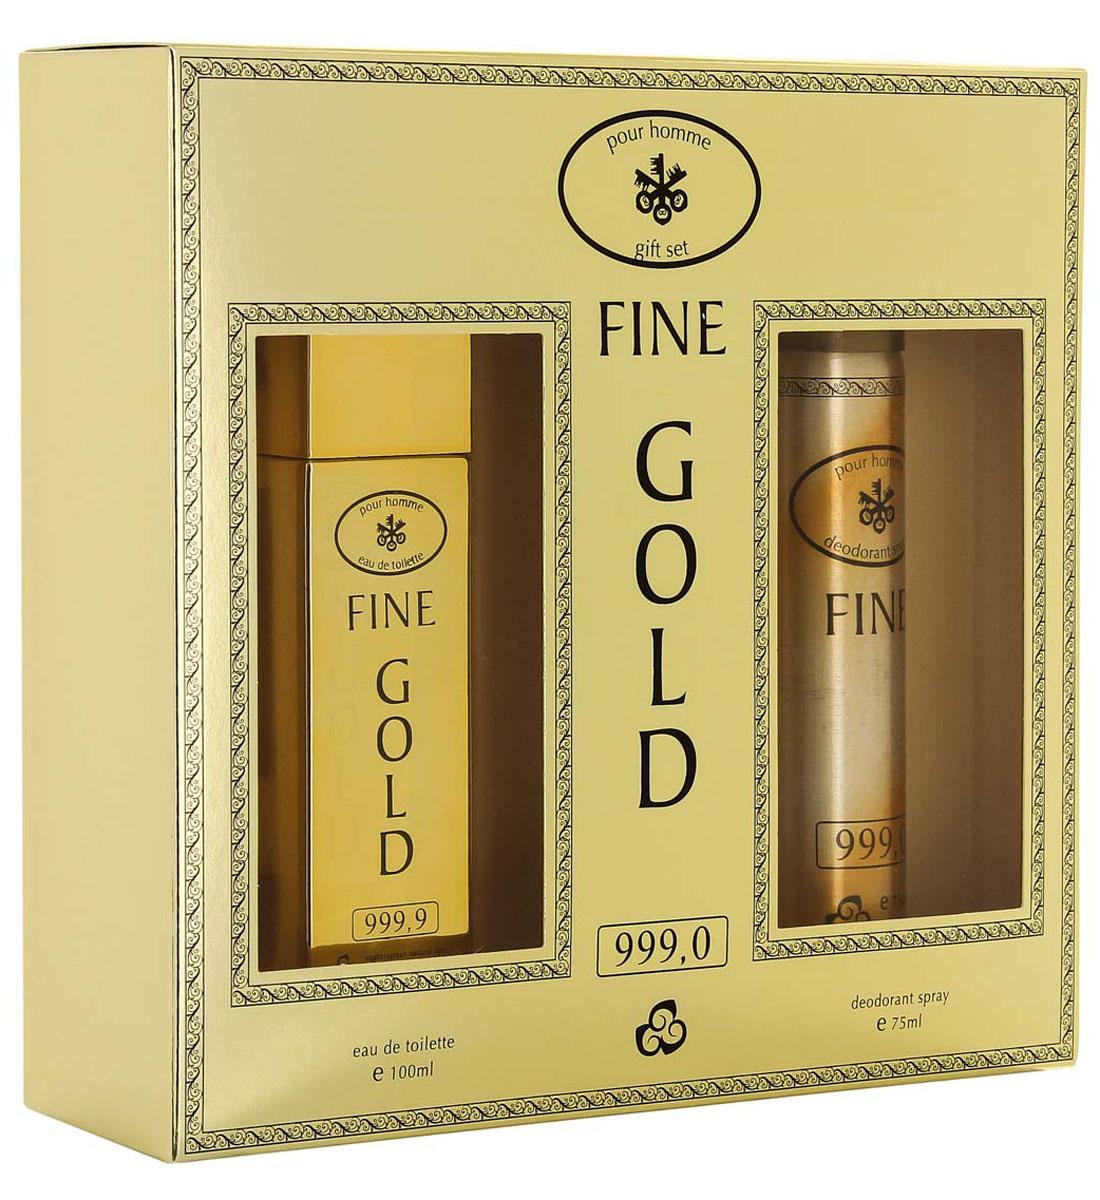 КПК-Парфюм Подарочный набор для мужчин Fine Gold: Туалетная вода, 100 мл + Парфюмированный дезодорант, 75 мл28032022FINE GOLD это аромат для мужчин. Верхние ноты: грейпфрут, мята и красный мандарин; ноты сердца: роза, корица и специи; ноты базы: кожа, древесные ноты, амбра и пачули из Индии.